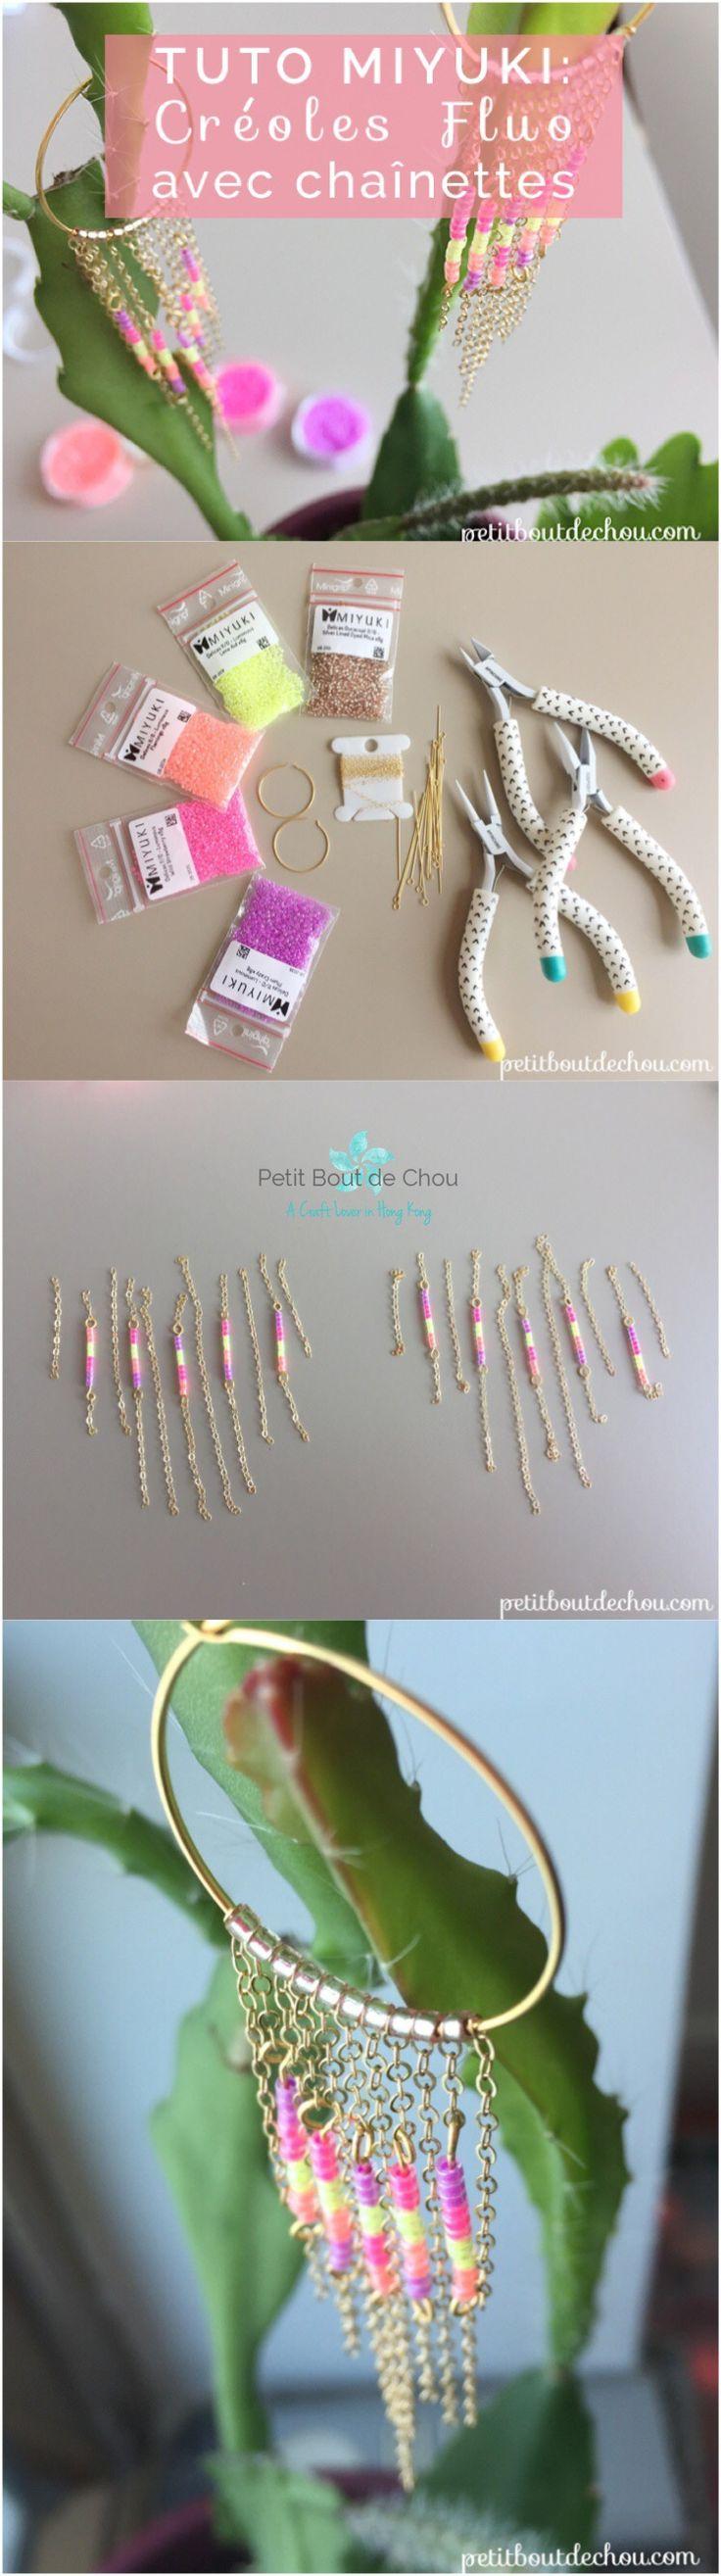 Apprenez comment réaliser ces boucles d'oreilles créoles élégantes ornées de perles Miyuki et de chaînettes dorées idéales pour vous accompagner cet été.